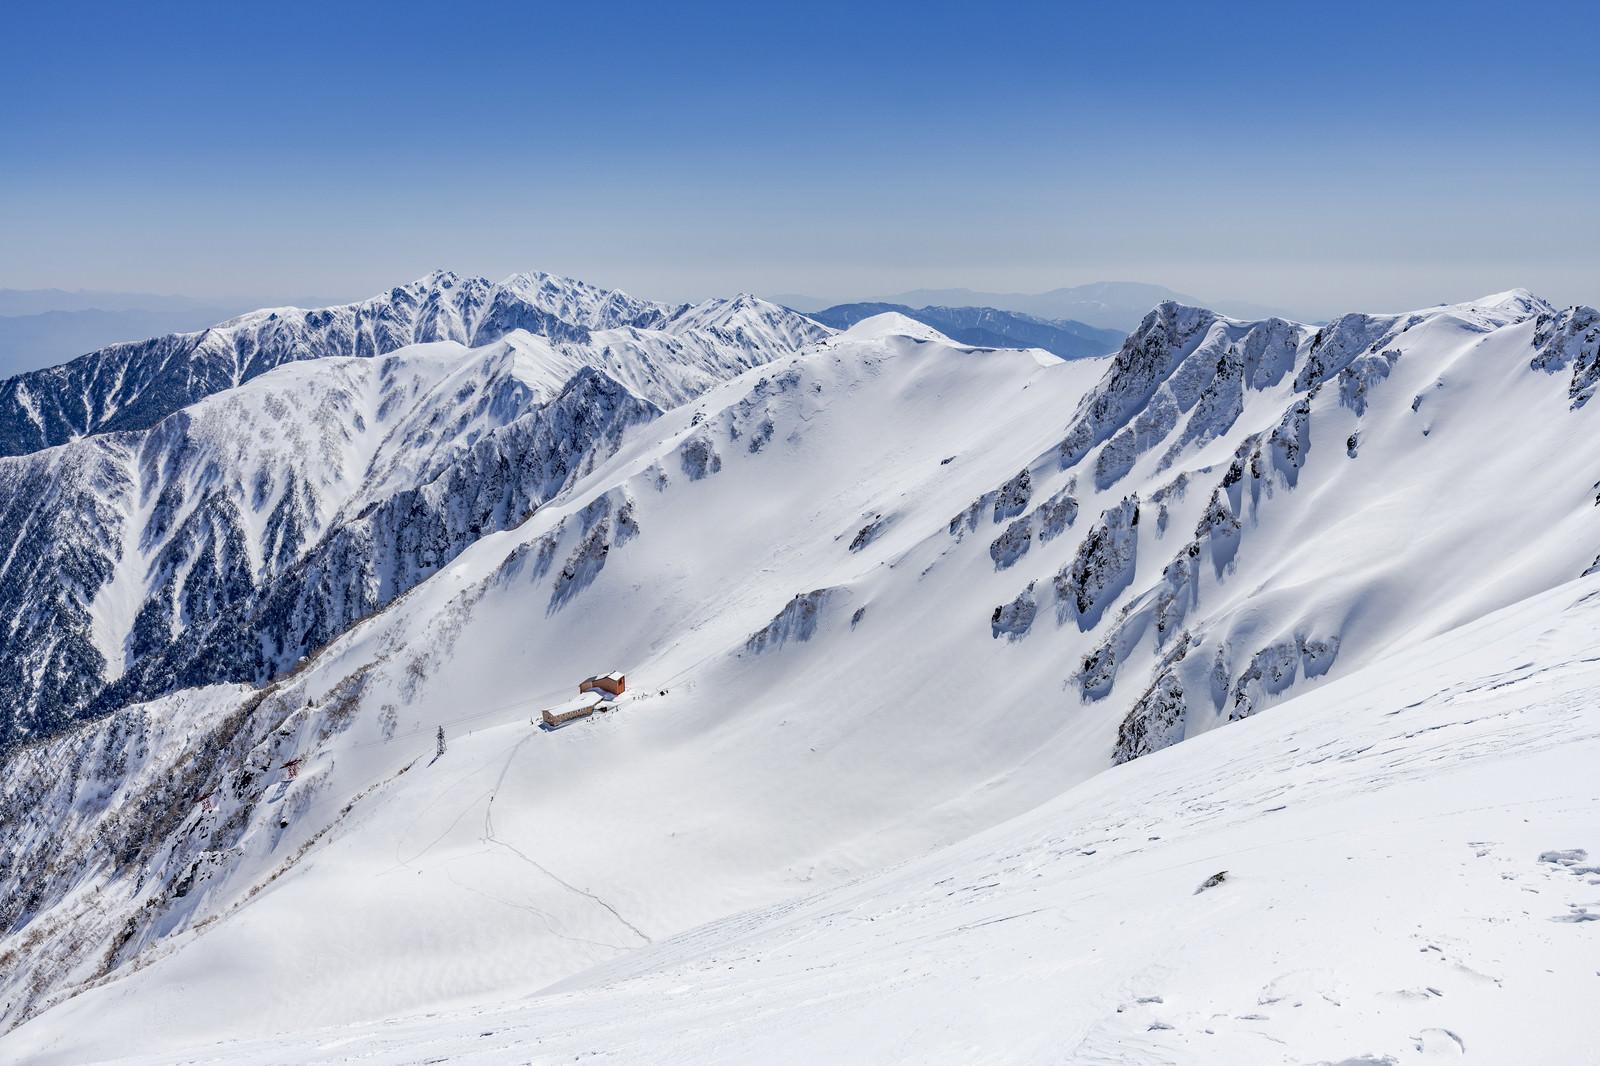 「冬の千畳敷カールとホテル千畳敷」の写真